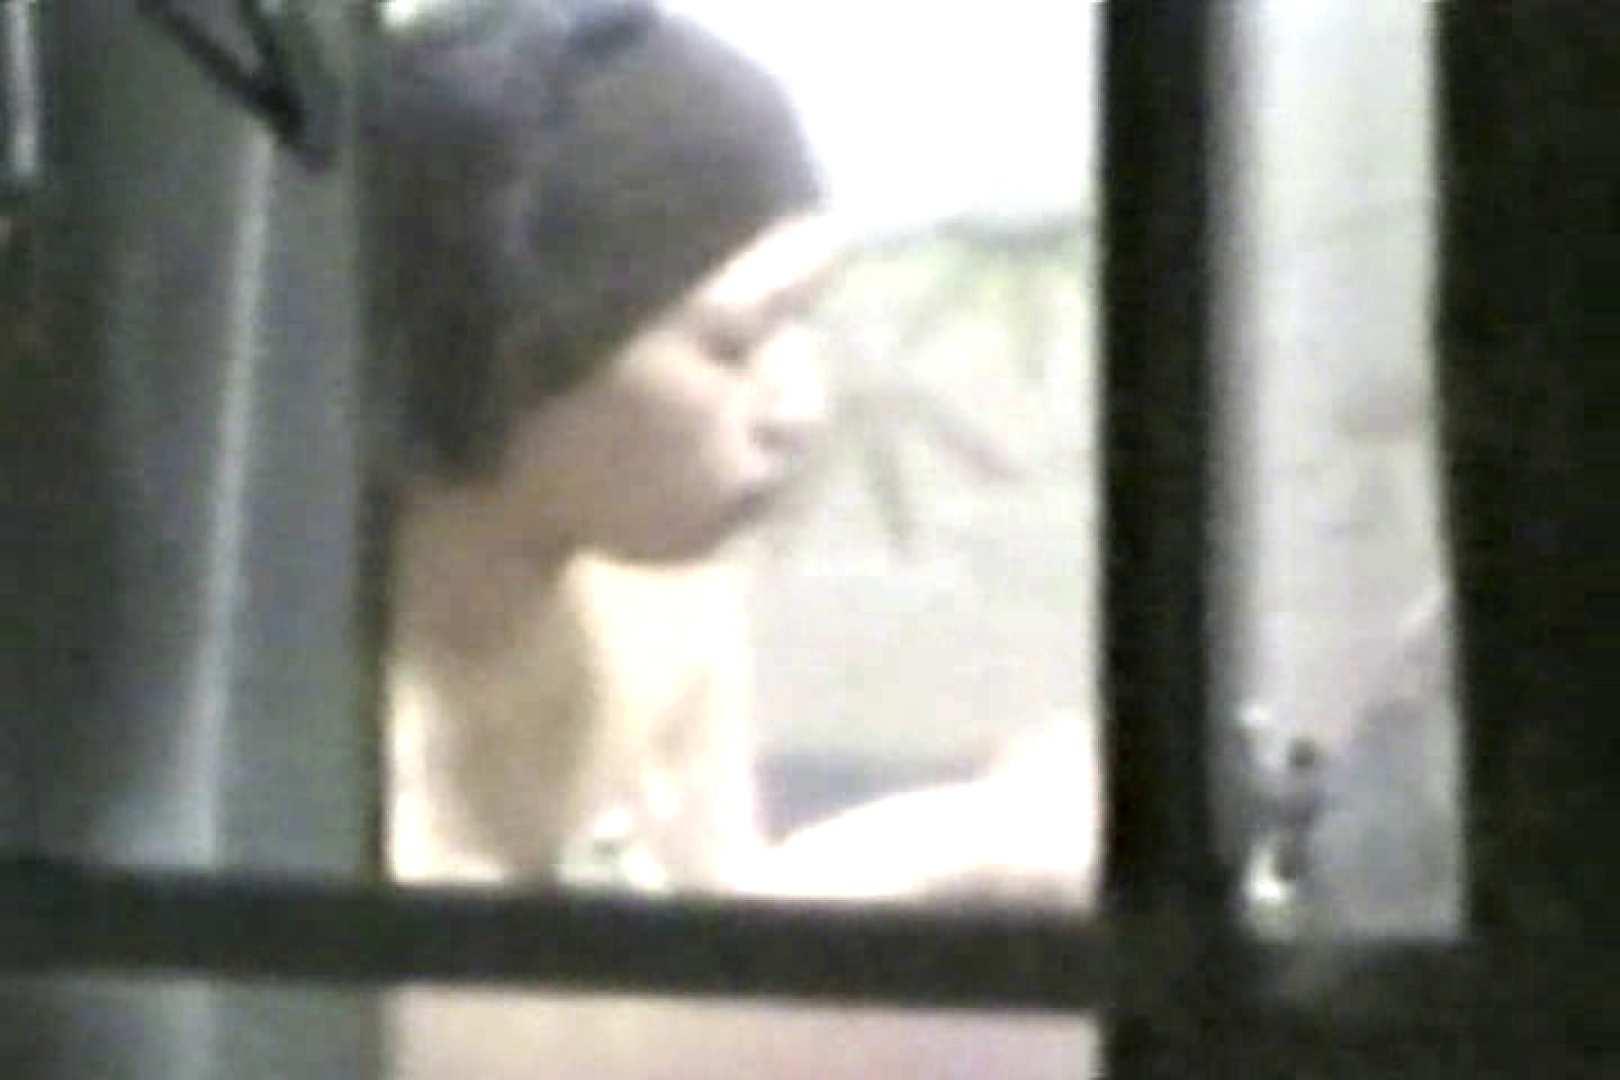 究極の民家覗き撮りVol.4 盗撮師作品 セックス画像 73pic 26